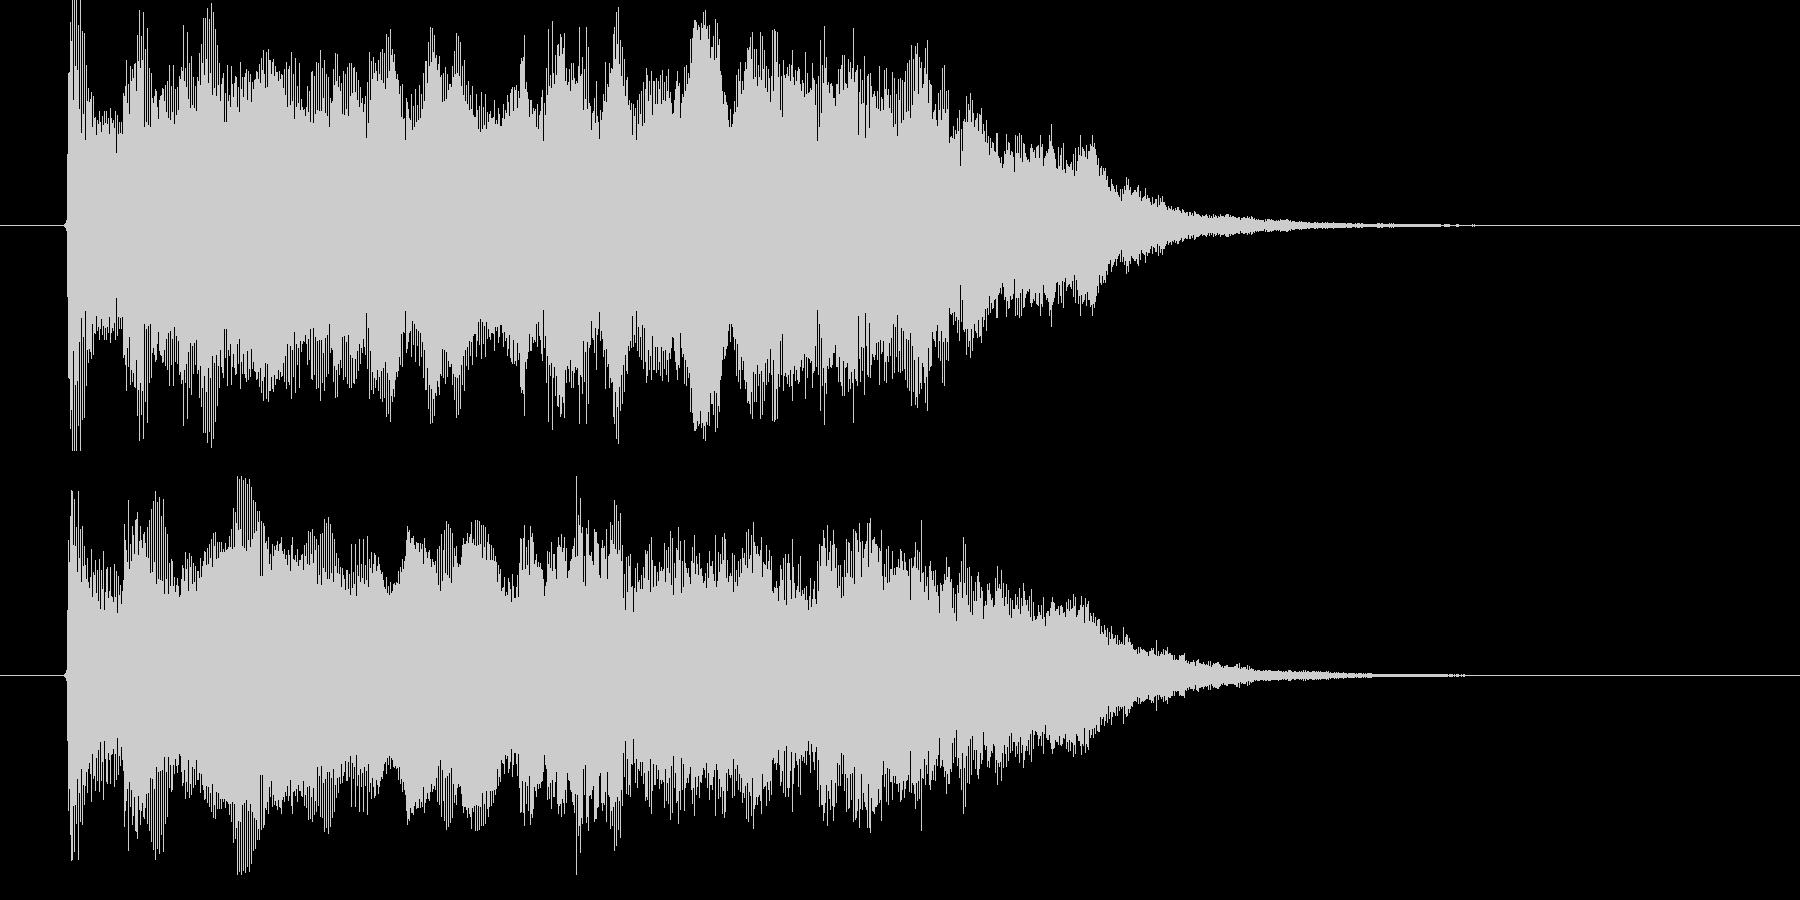 シンセの響きがドラマティックなBGMの未再生の波形